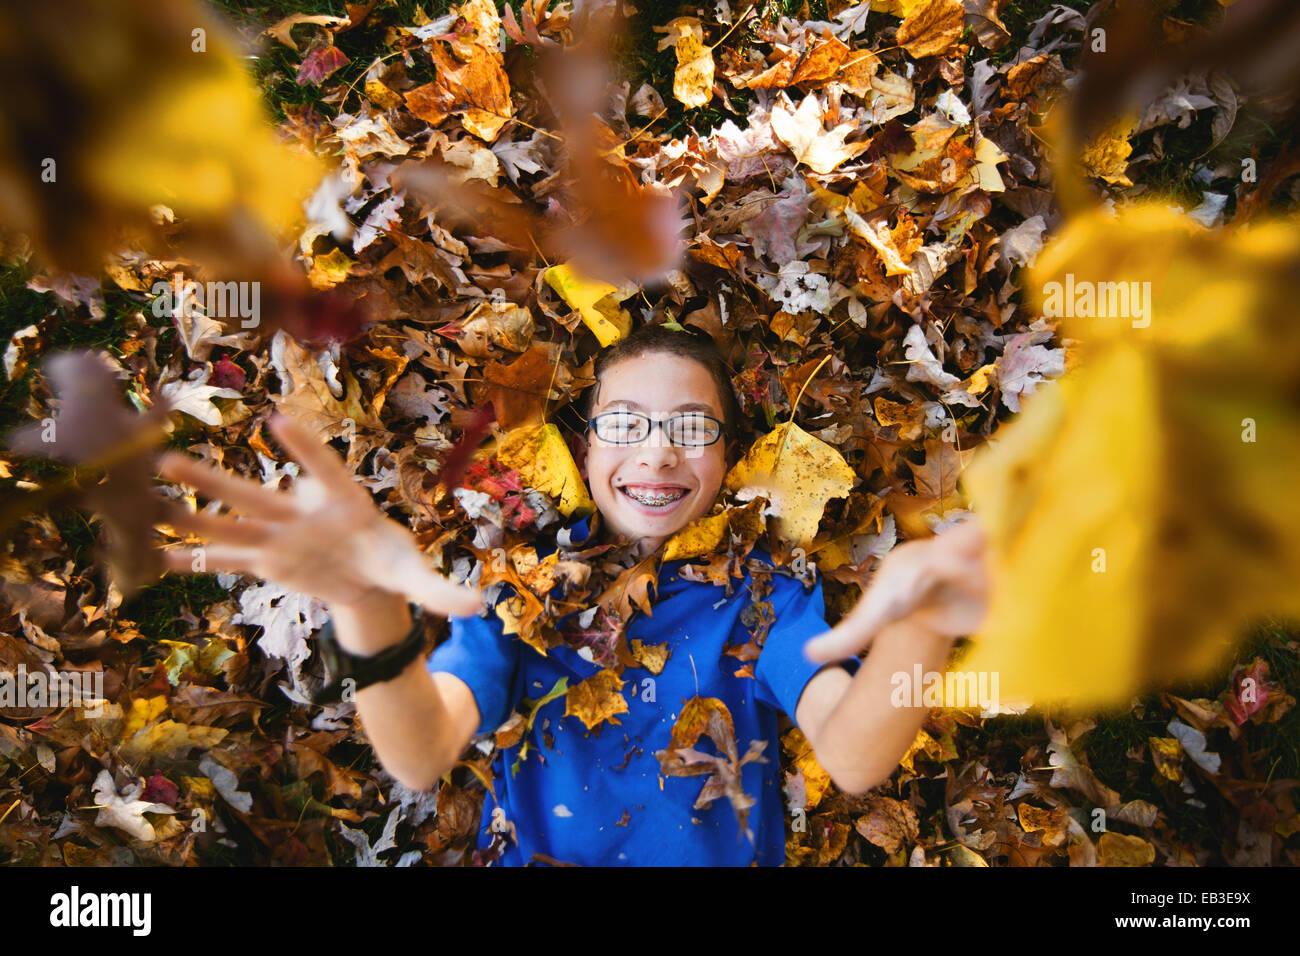 Stati Uniti d'America, Maryland, Howard County, Dayton, ragazzo recante sul retro e giocando con le foglie di Immagini Stock